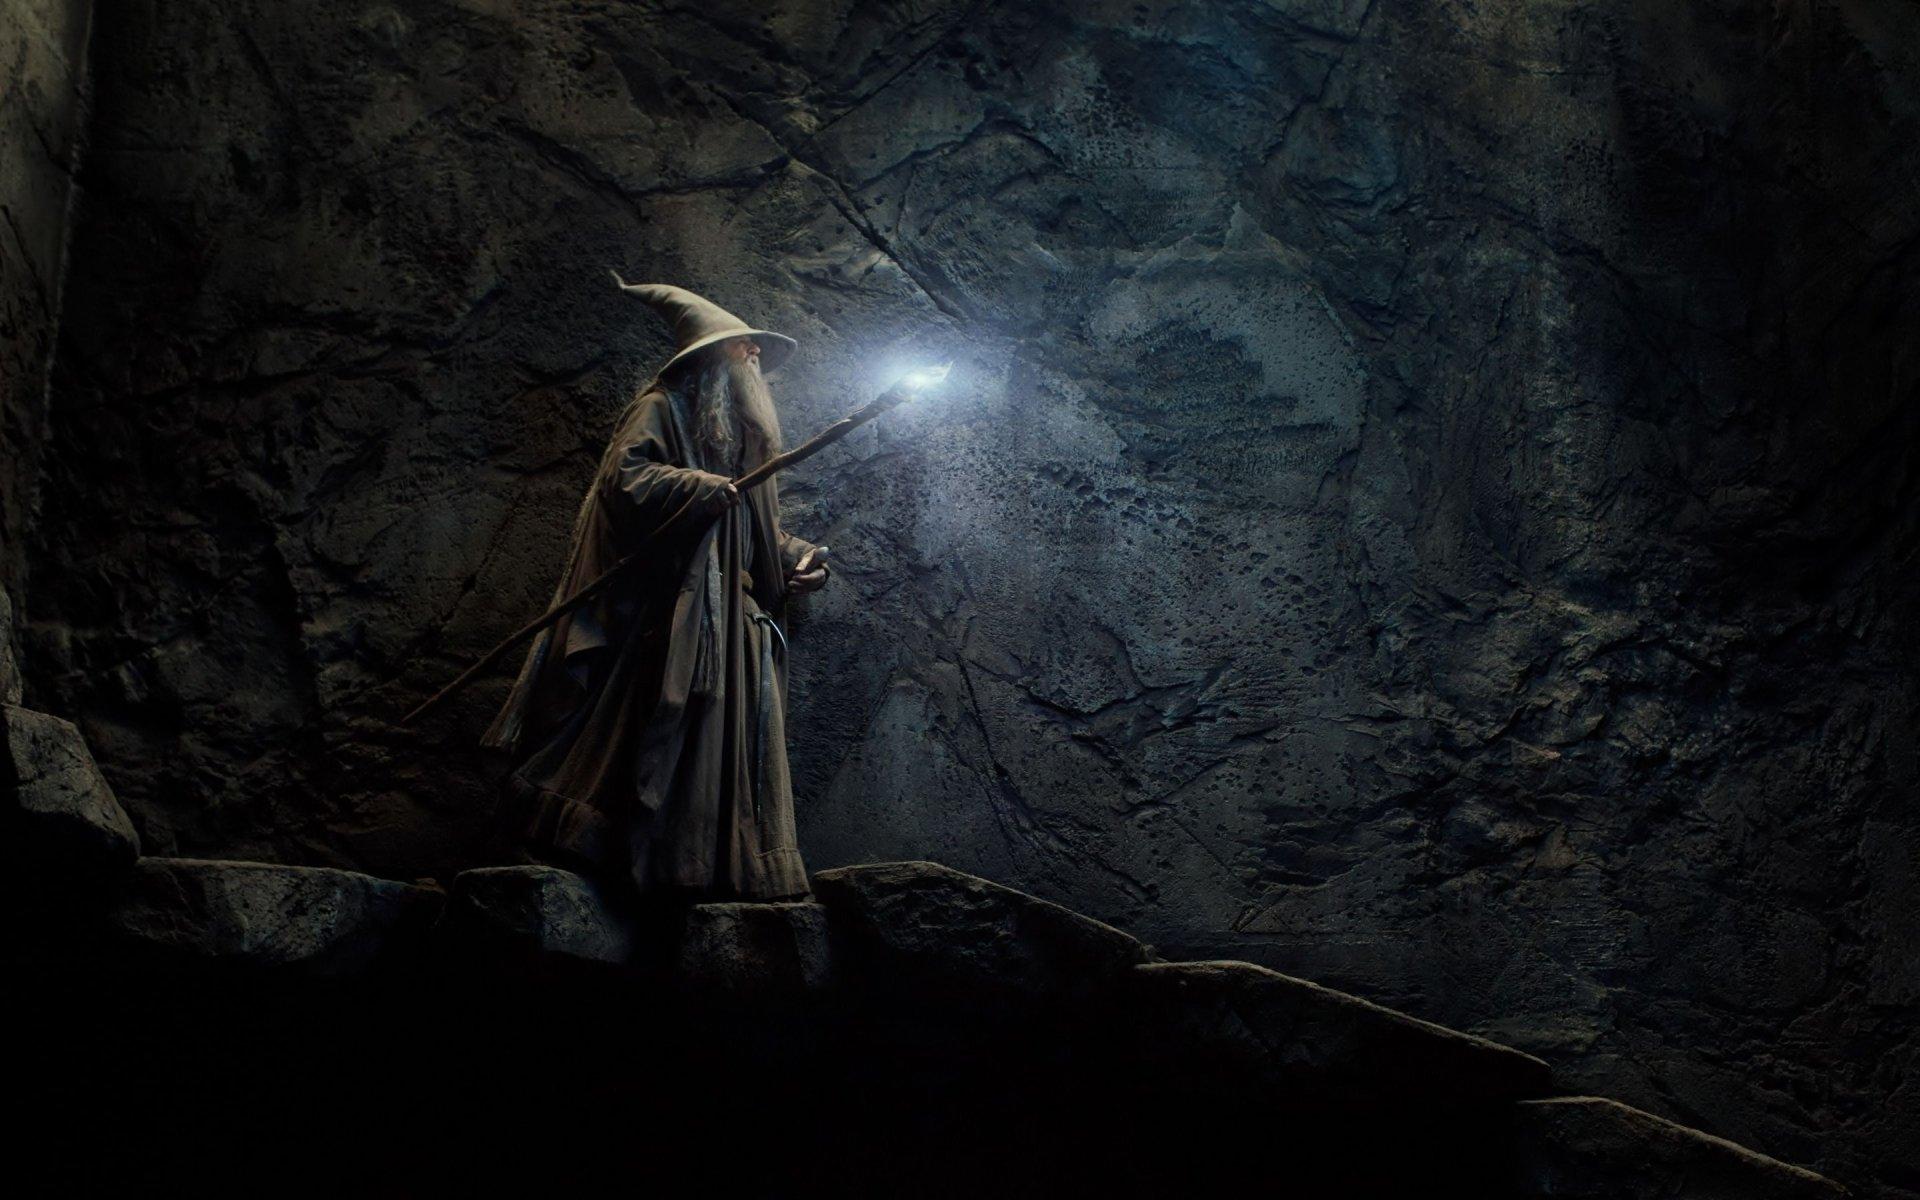 Fondos De Pantalla Hd Fondos De: Fondos De Pantalla De El Hobbit Un Viaje Inesperado